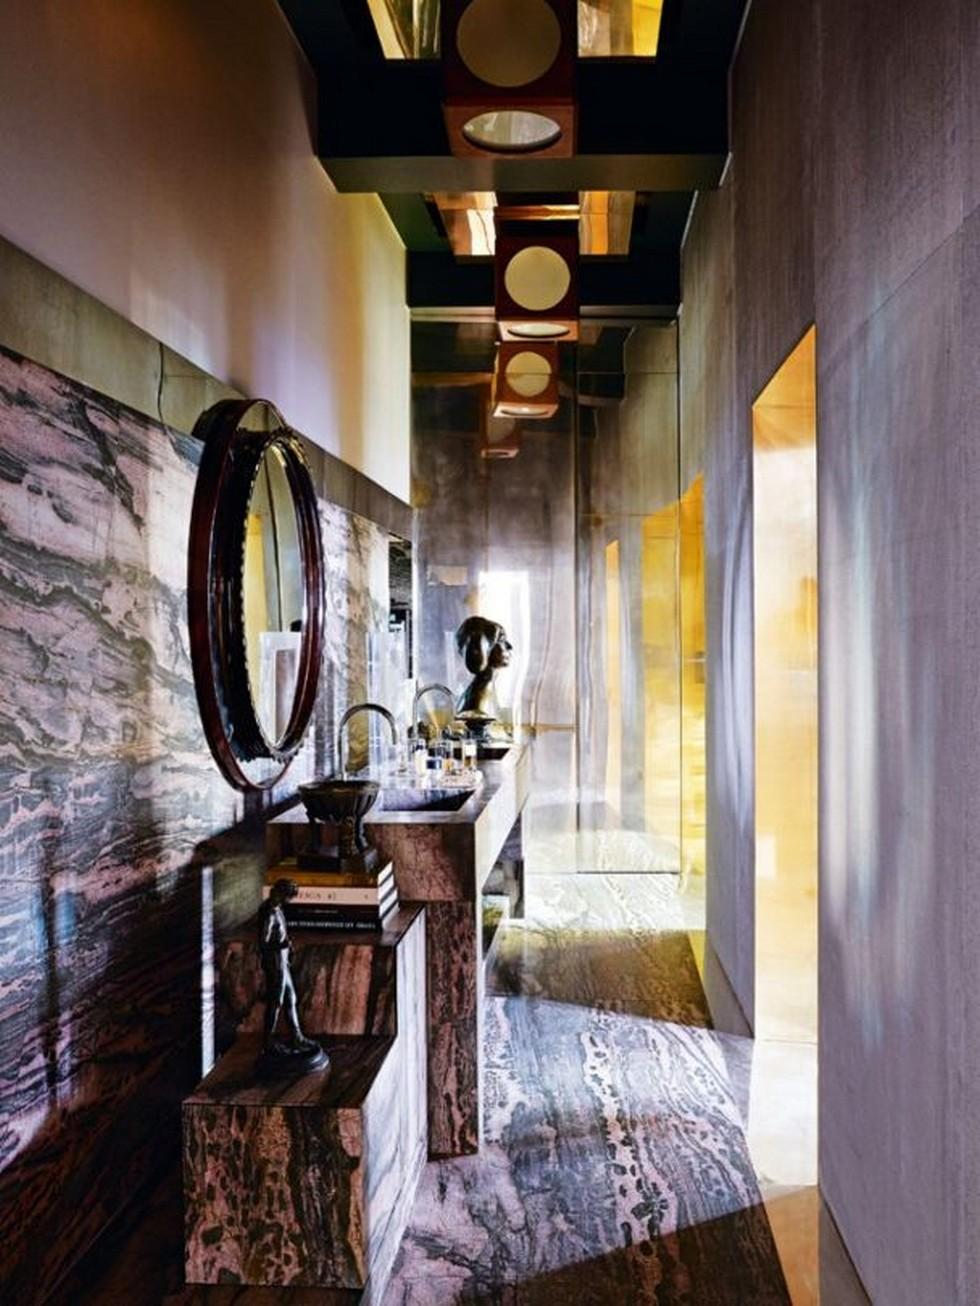 best milan interior designers Vincenzo de Cotiis vincenzo de cotiis Milan House tour – discover Vincenzo de Cotiis palazzo apartment Milan House tour     discover Vincenzo de Cotiis palazzo apartment 13